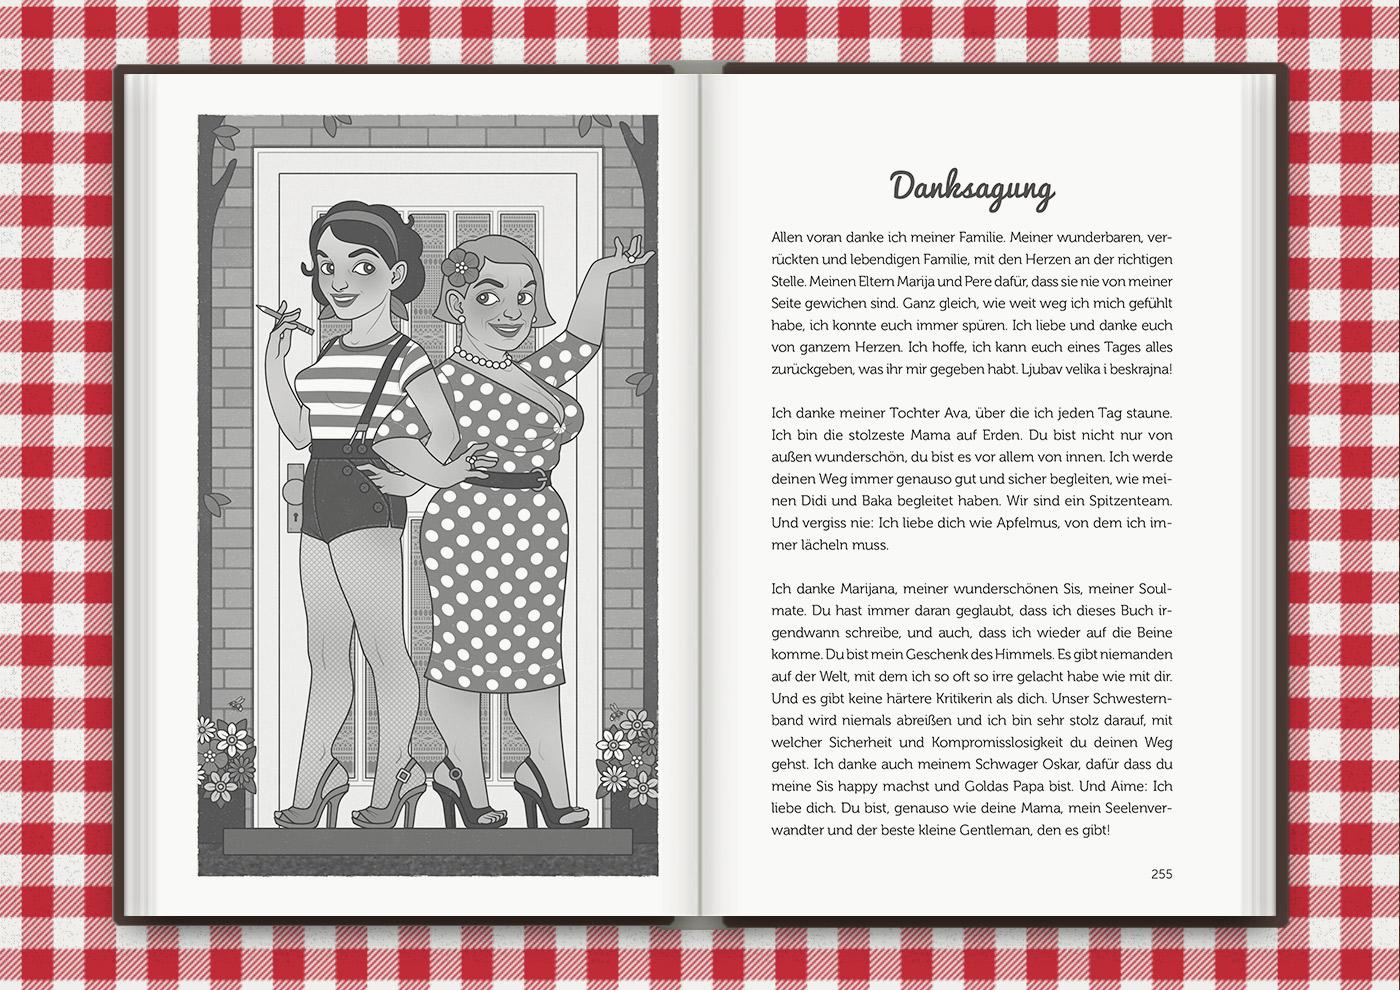 Illustration von Mimi Fiedler und ihre Mutter Marija einladend vor ihrer Haustür, für das Buch Brauchsu keine Doktor, brauchsu nur diese Buch – Die Balkantherapie für Liebe, Leib und Leben von Mimi Fiedler im MVG Verlag